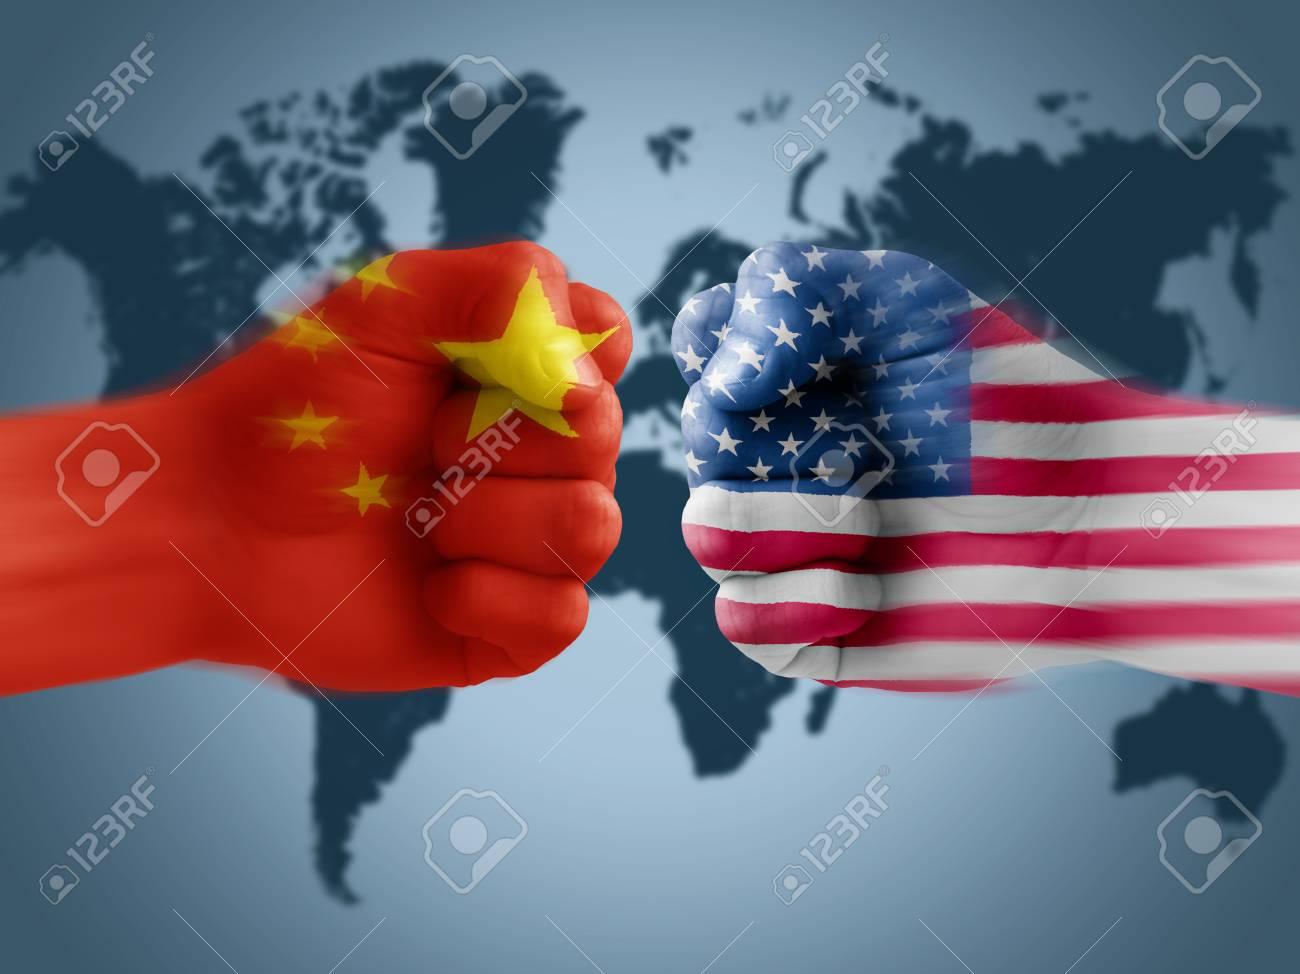 US - China trade war, boxing flag fists - 106087845